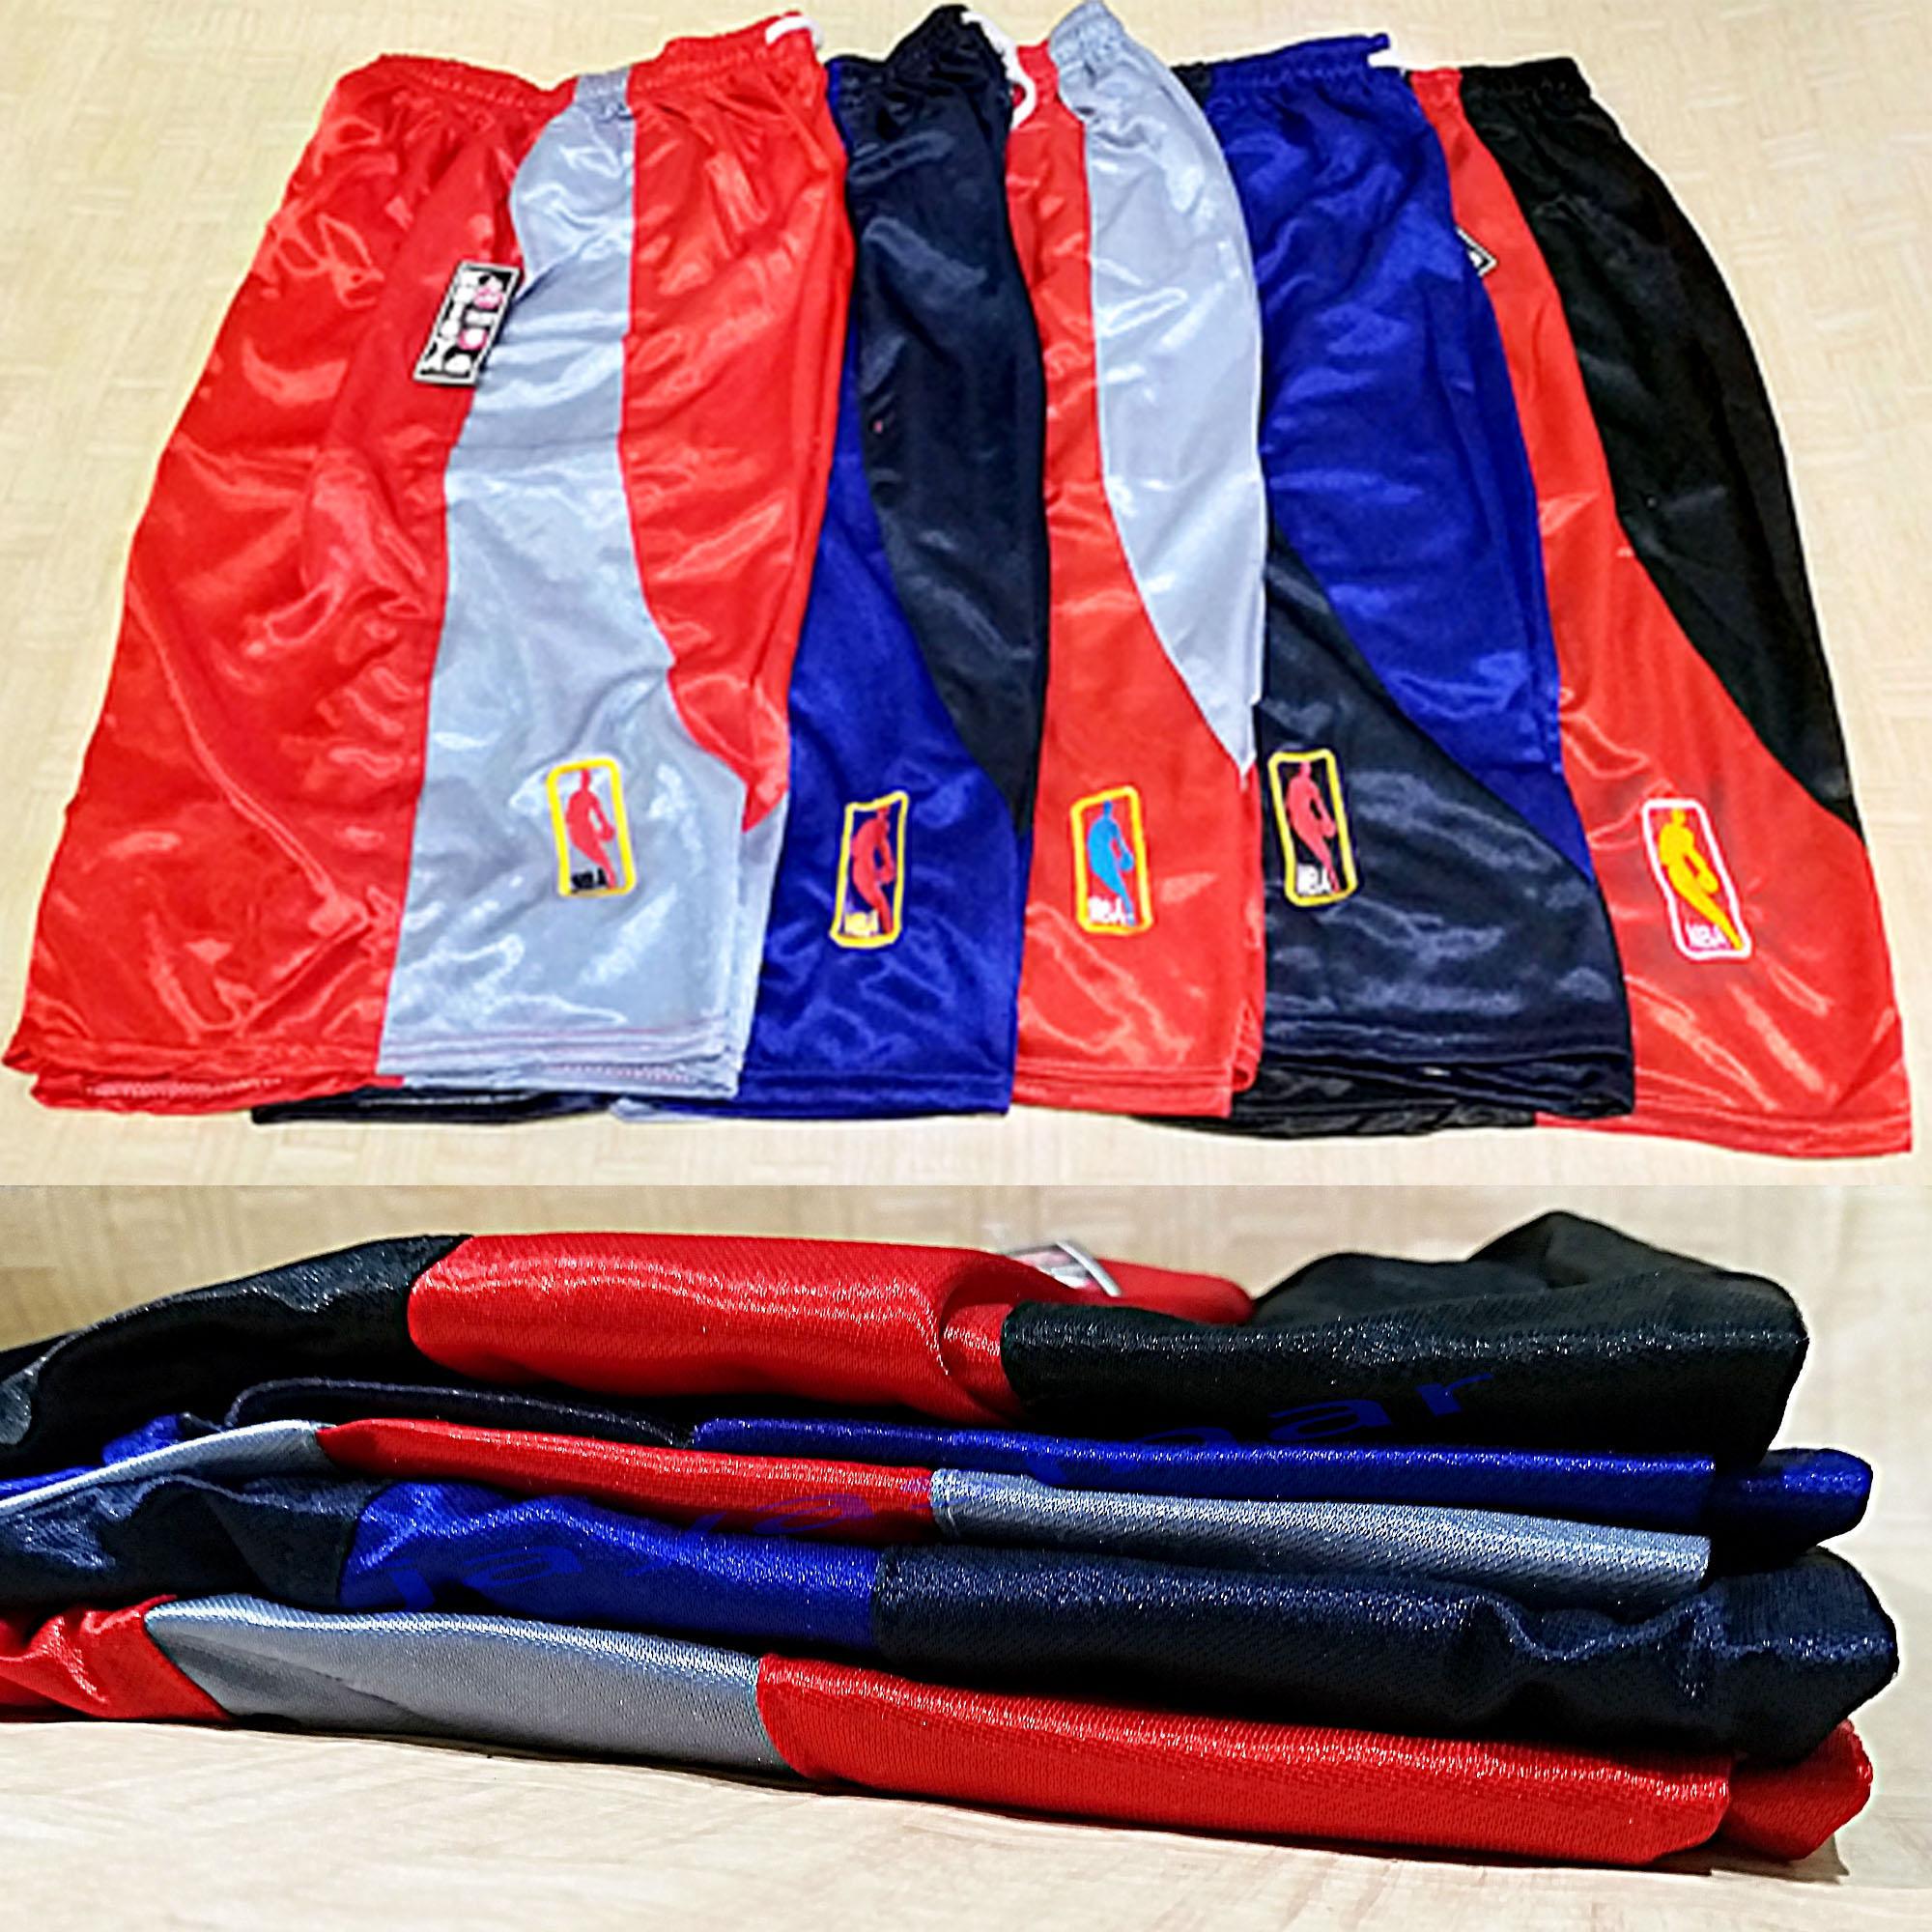 Daftar Harga Celana Kolor Olahraga Terbaru Bulan November 2018 Pendek Santai Polos Super Big Size Jumbo Buy 1 Get Free Paragon Pria Wanita Jy